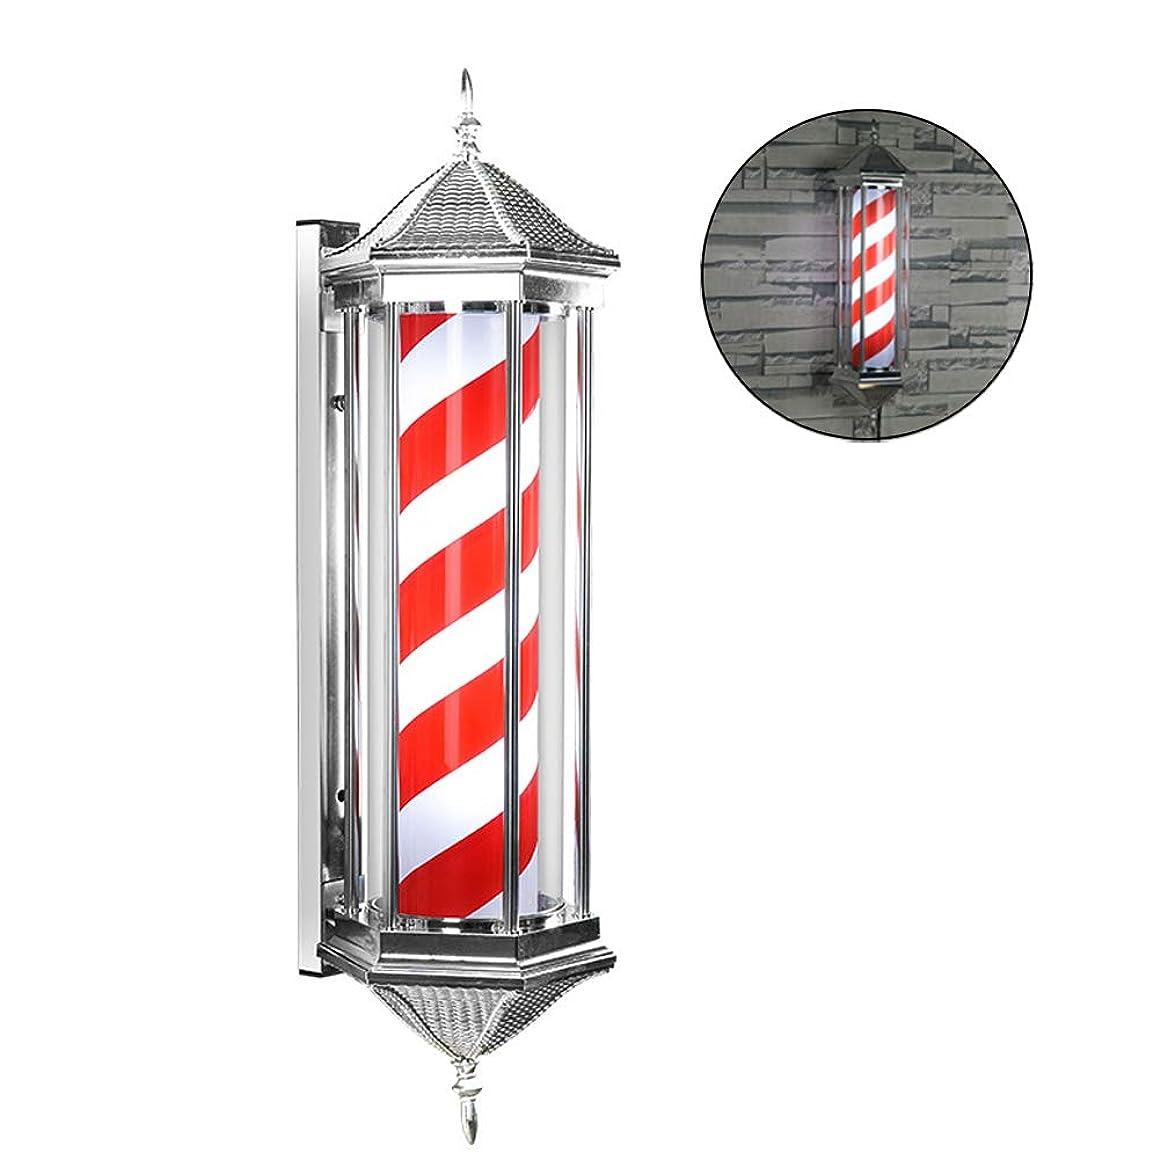 キャッシュばかげた別々に防水屋外理髪店ポール回転して美容院サロンサイン理髪店ポールLEDライト - 赤、白、青のストライプレトロセーブエネルギー壁ランプ,Red